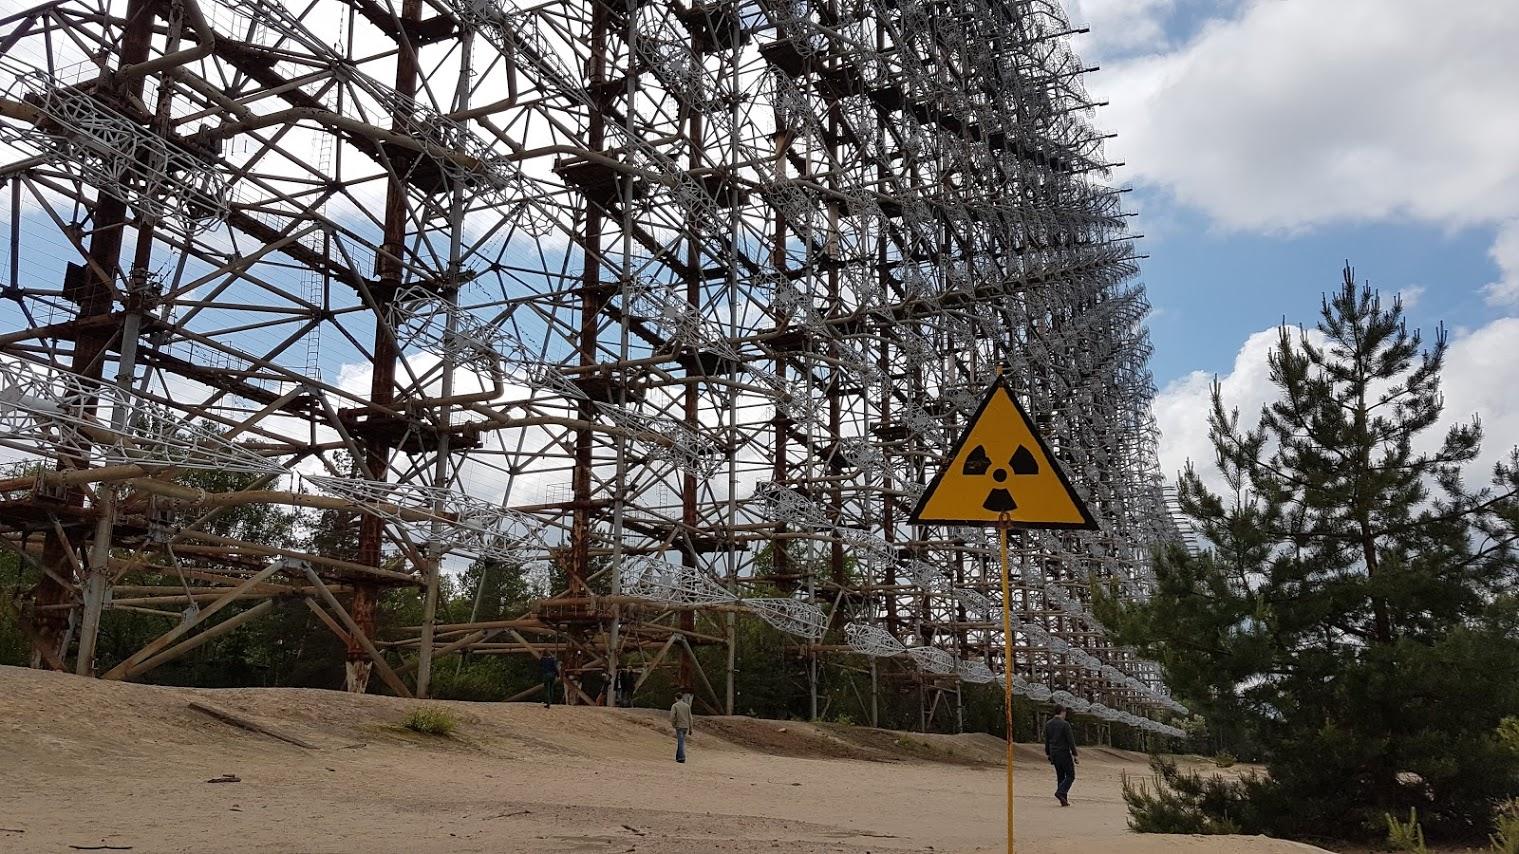 Doega-1 radar